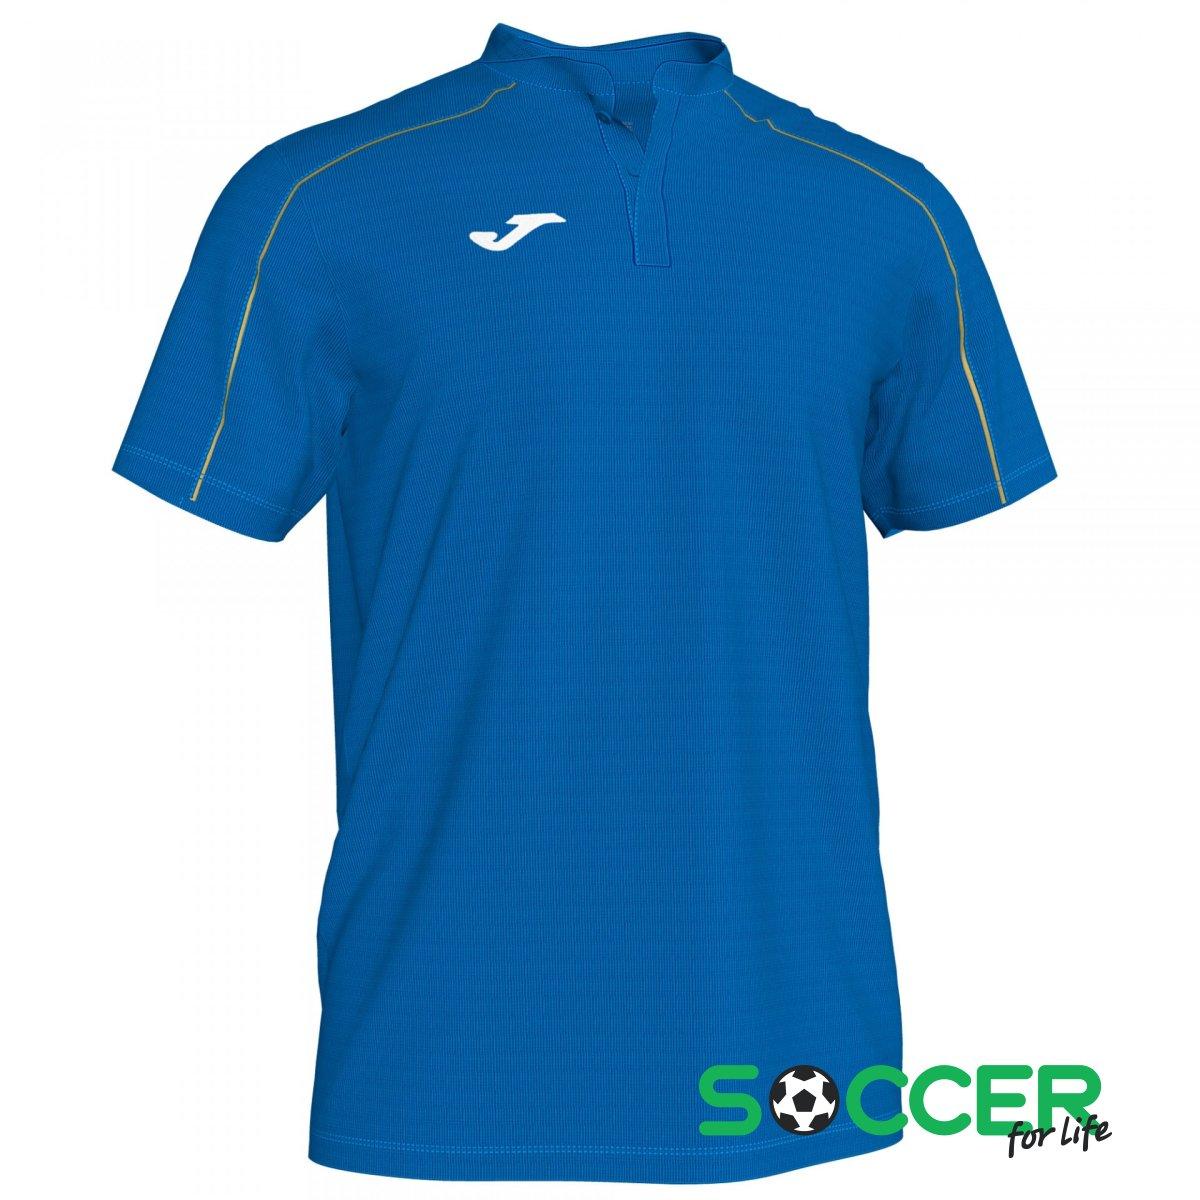 Купить Кроссовки Adidas STAN SMITH WP B37875 цвет  коричневый в интернет- магазине. Доставка по всей Украине! a37fc561a37